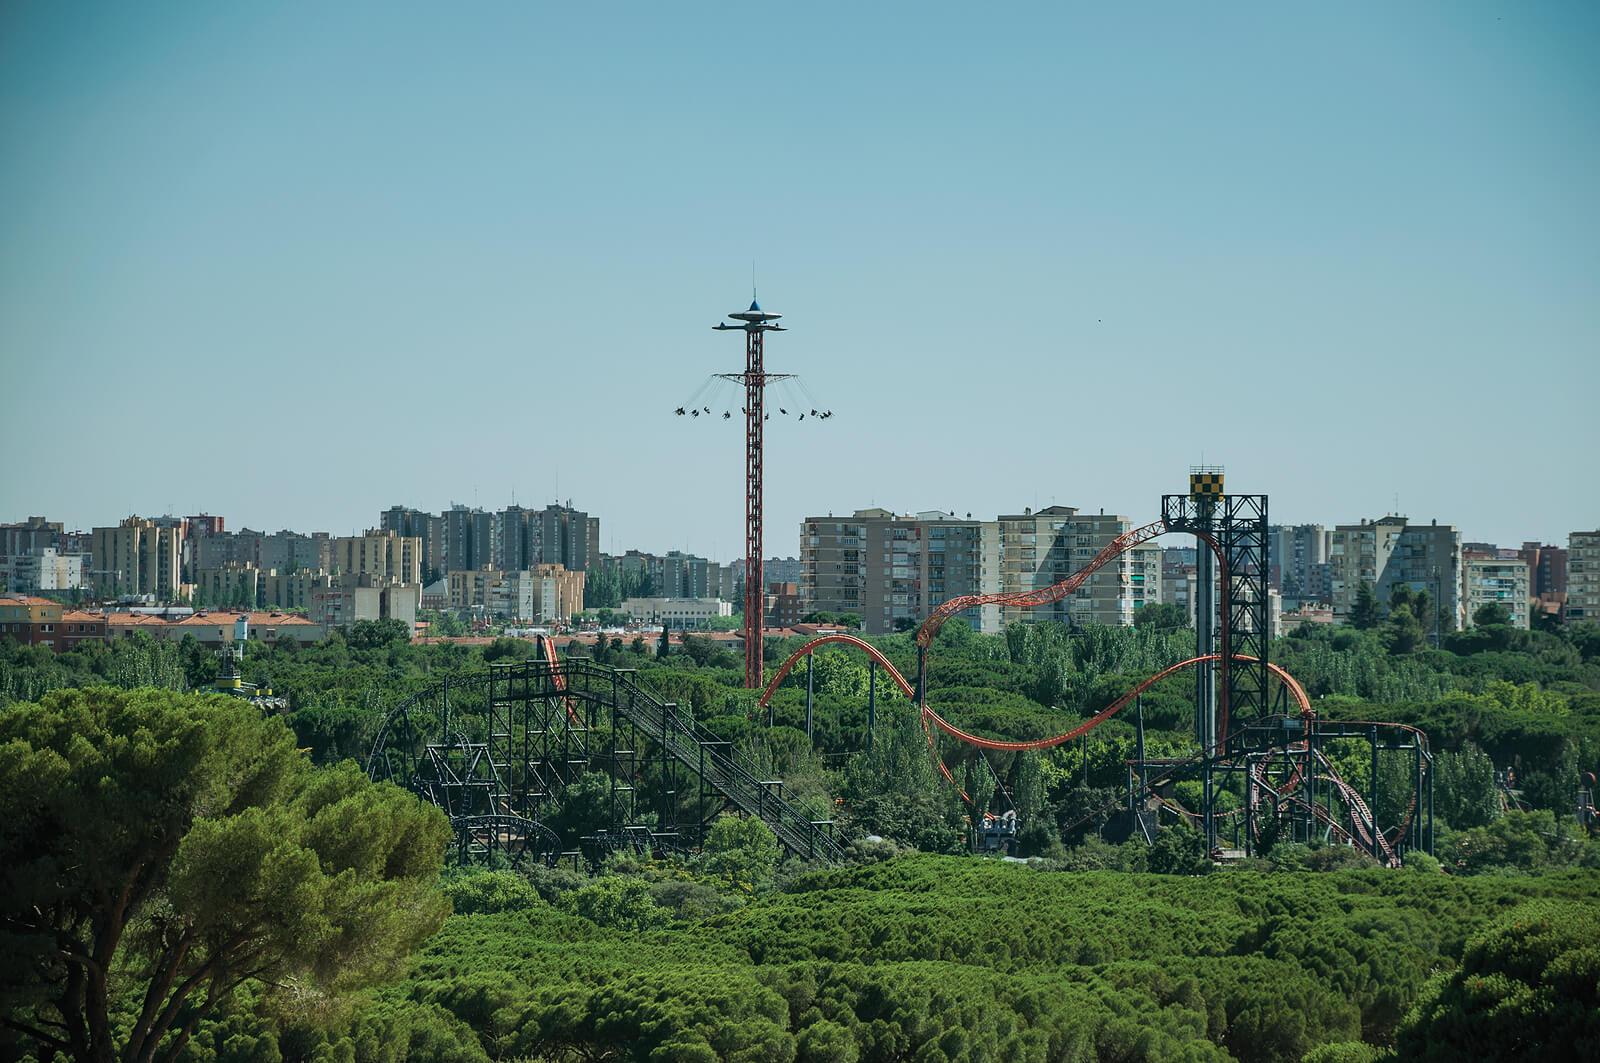 Parque de atracciones de Madrid, uno de los sitios ideales para ir con niños.